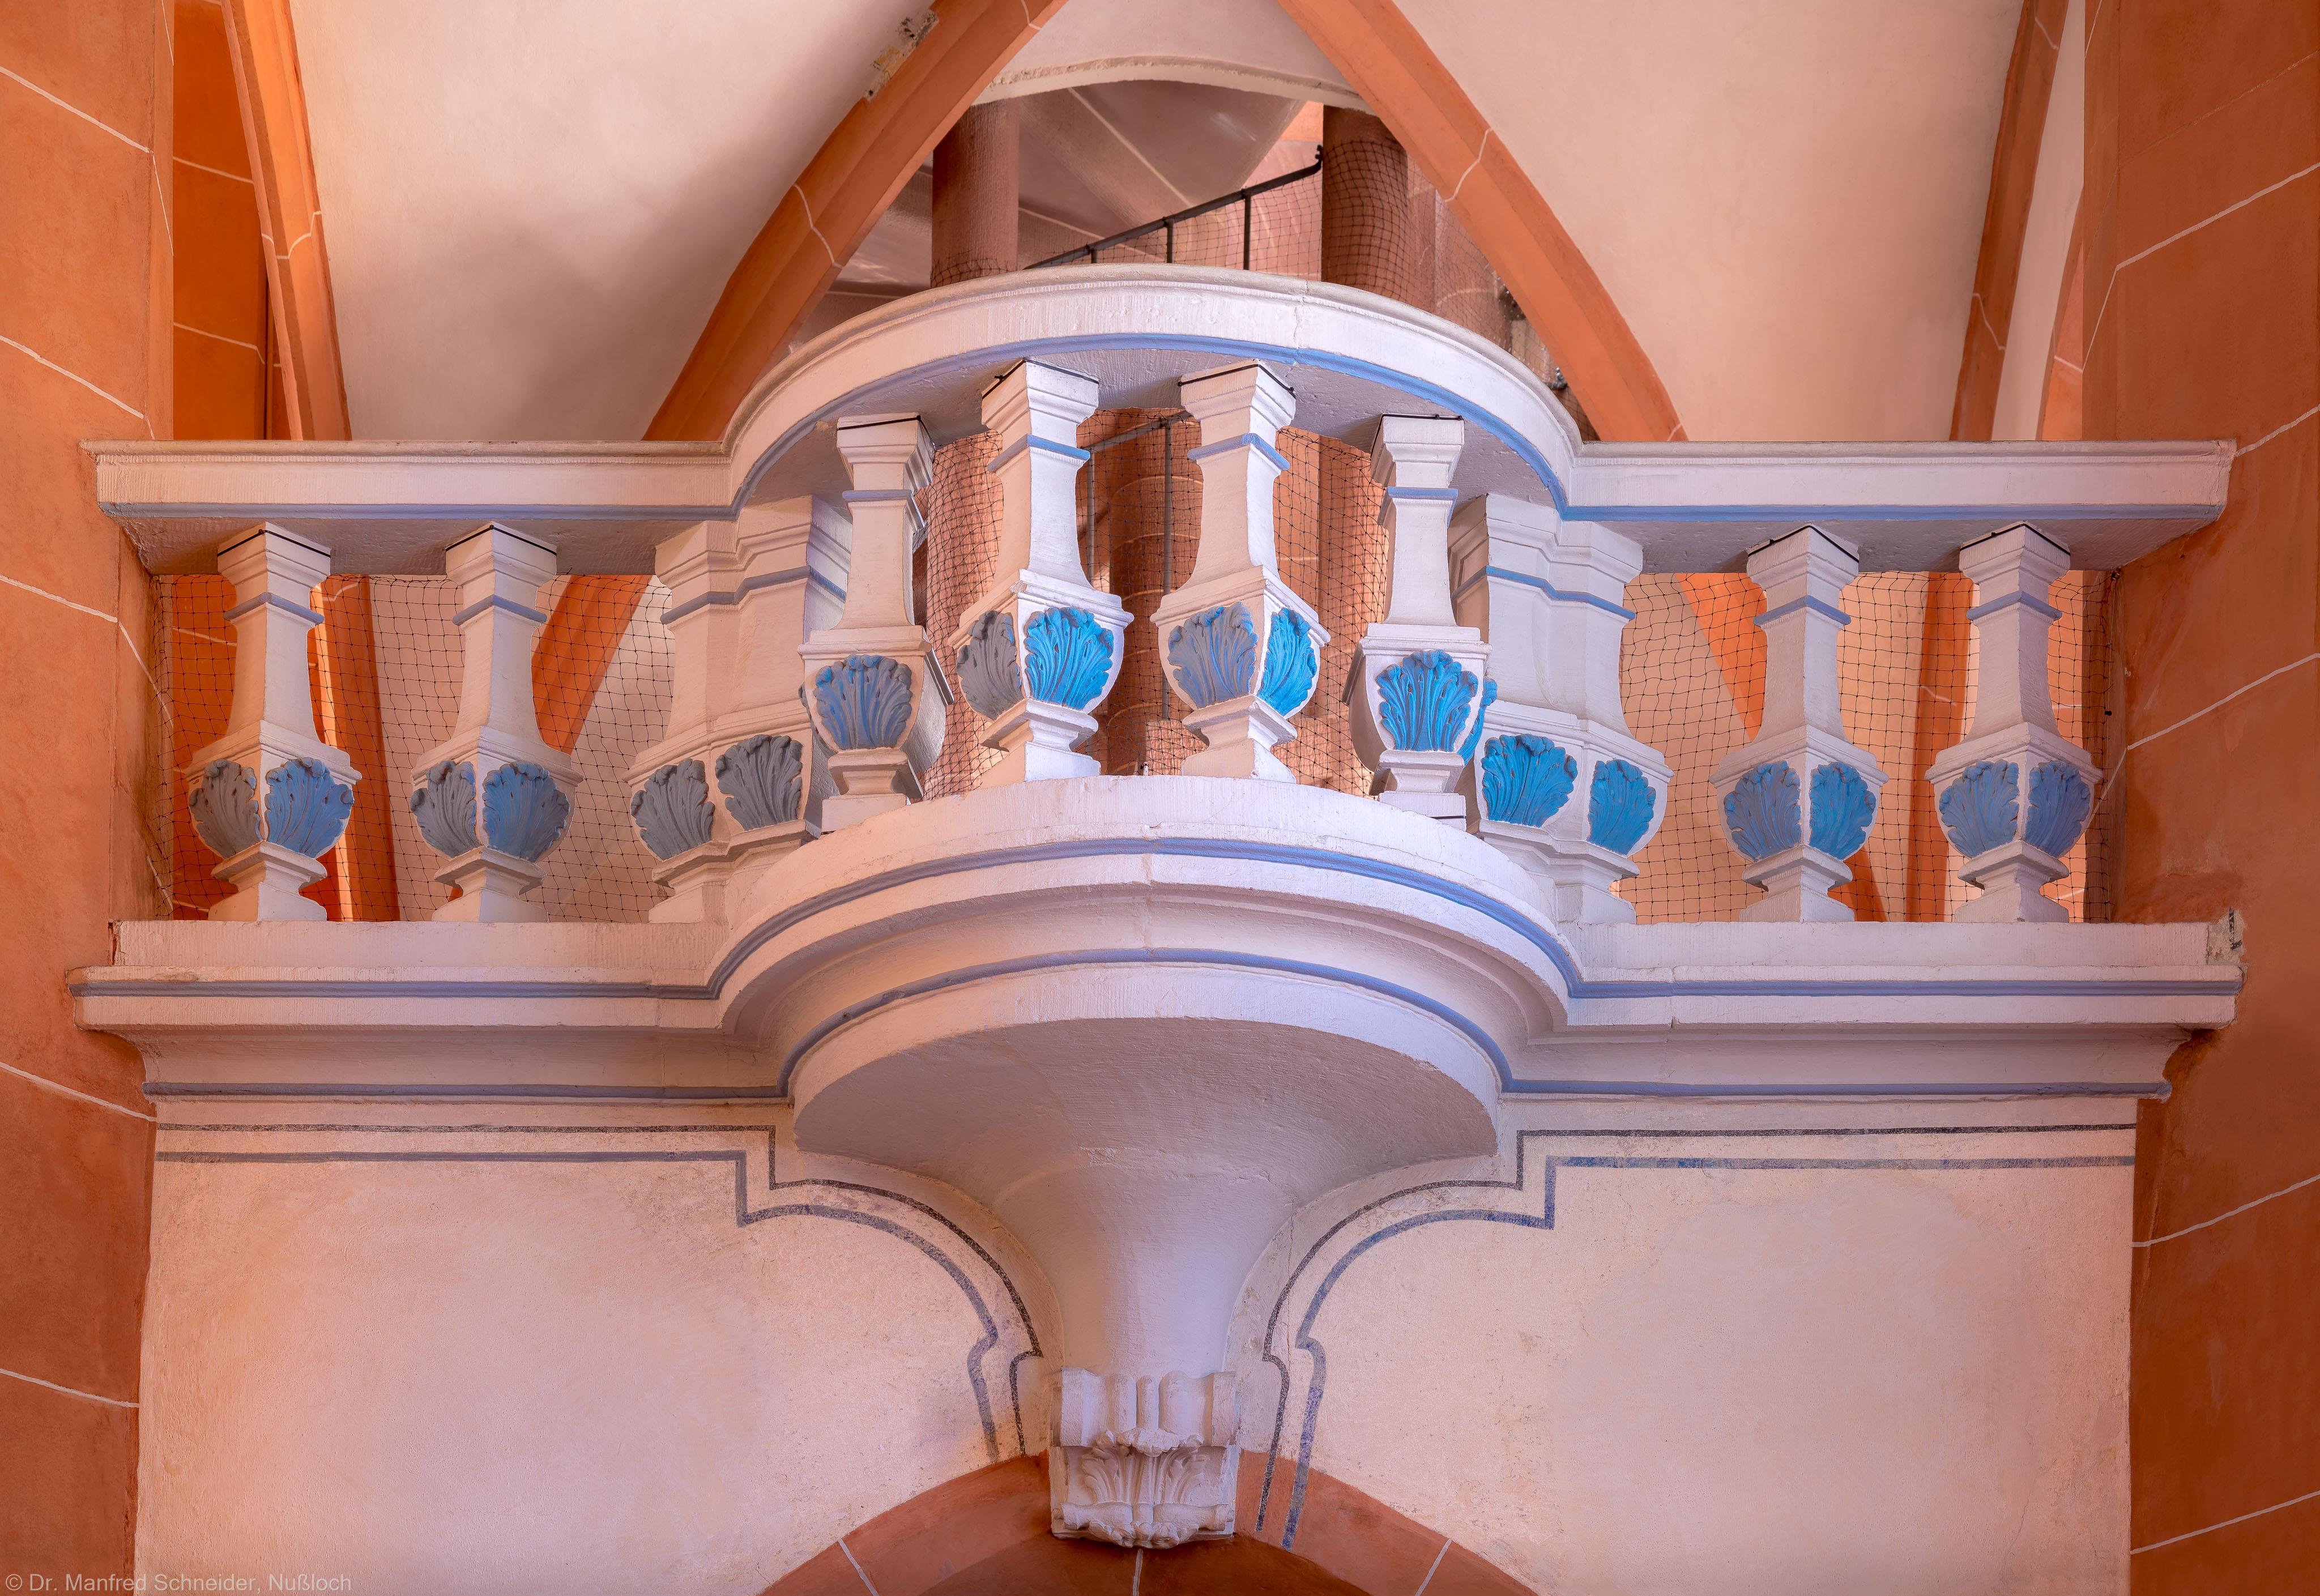 Heidelberg - Heiliggeistkirche - Westbau - Mittlere Zwischen-/Orgelempore - Nordseite - Blick vom Nordschiff auf den barocken Balkon (aufgenommen im Juli 2015, am frühen Nachmittag)